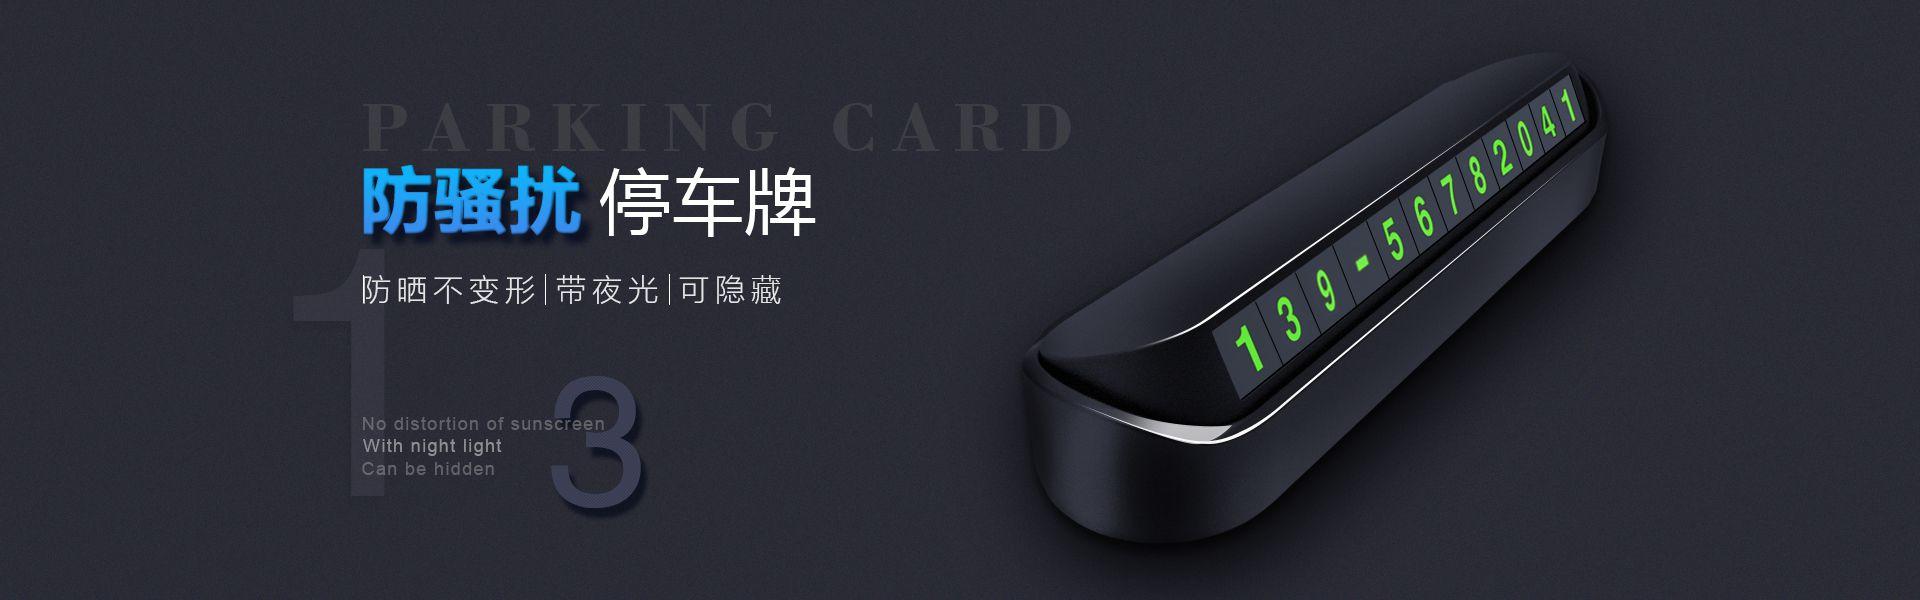 深圳市车益美科技有限公司